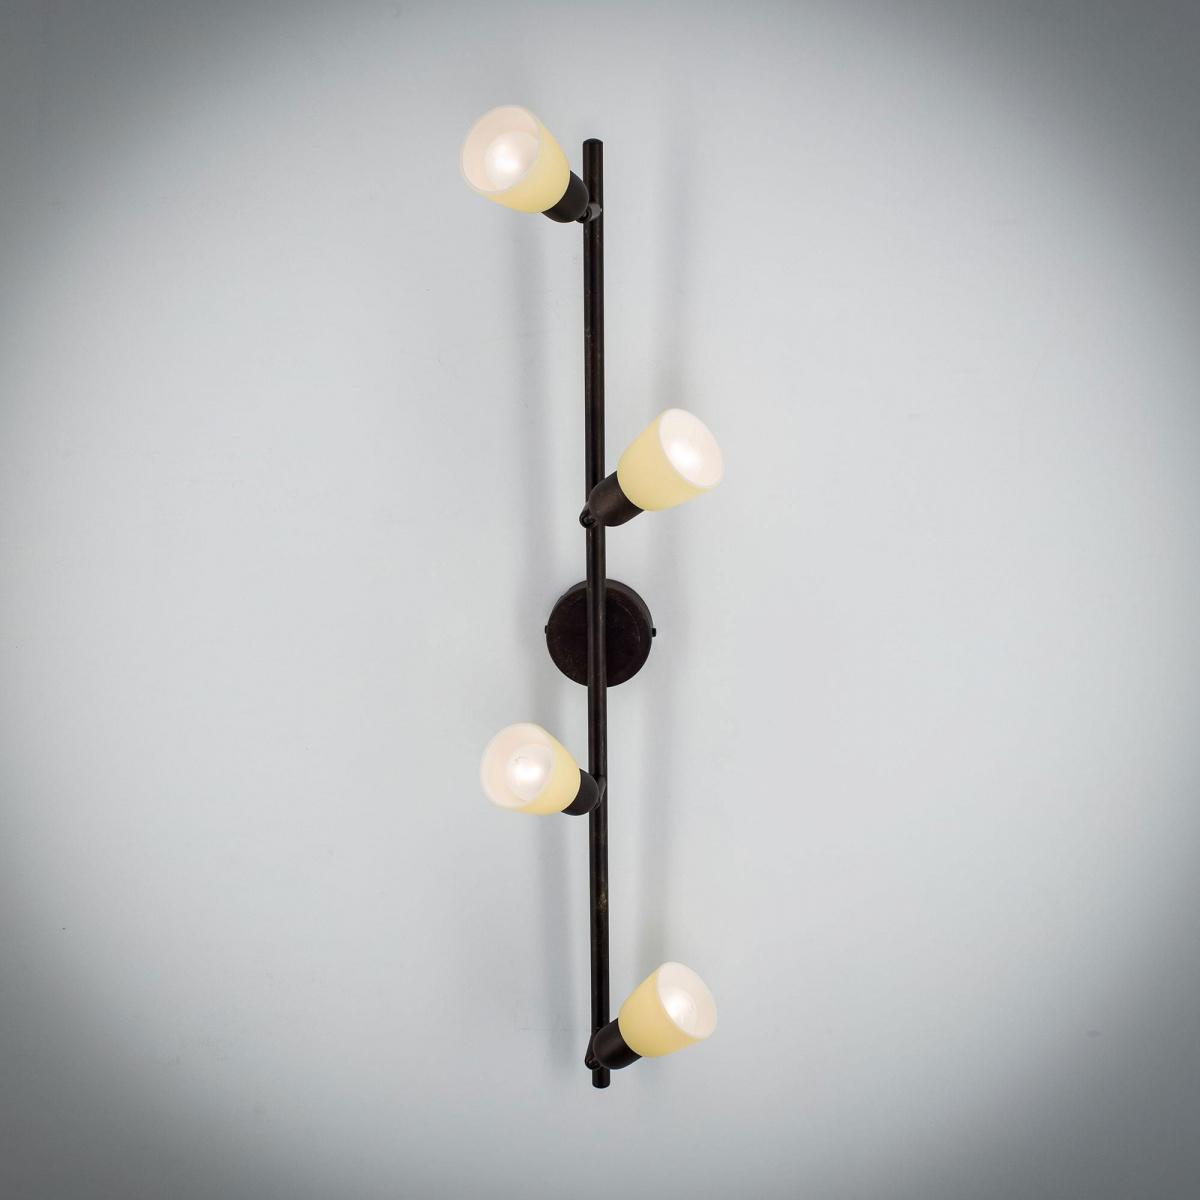 Потолочный светильник с регулировкой направления света Citilux Ронда CL506544, 4xE14x60W, коричневый, бежевый, металл, стекло - фото 3